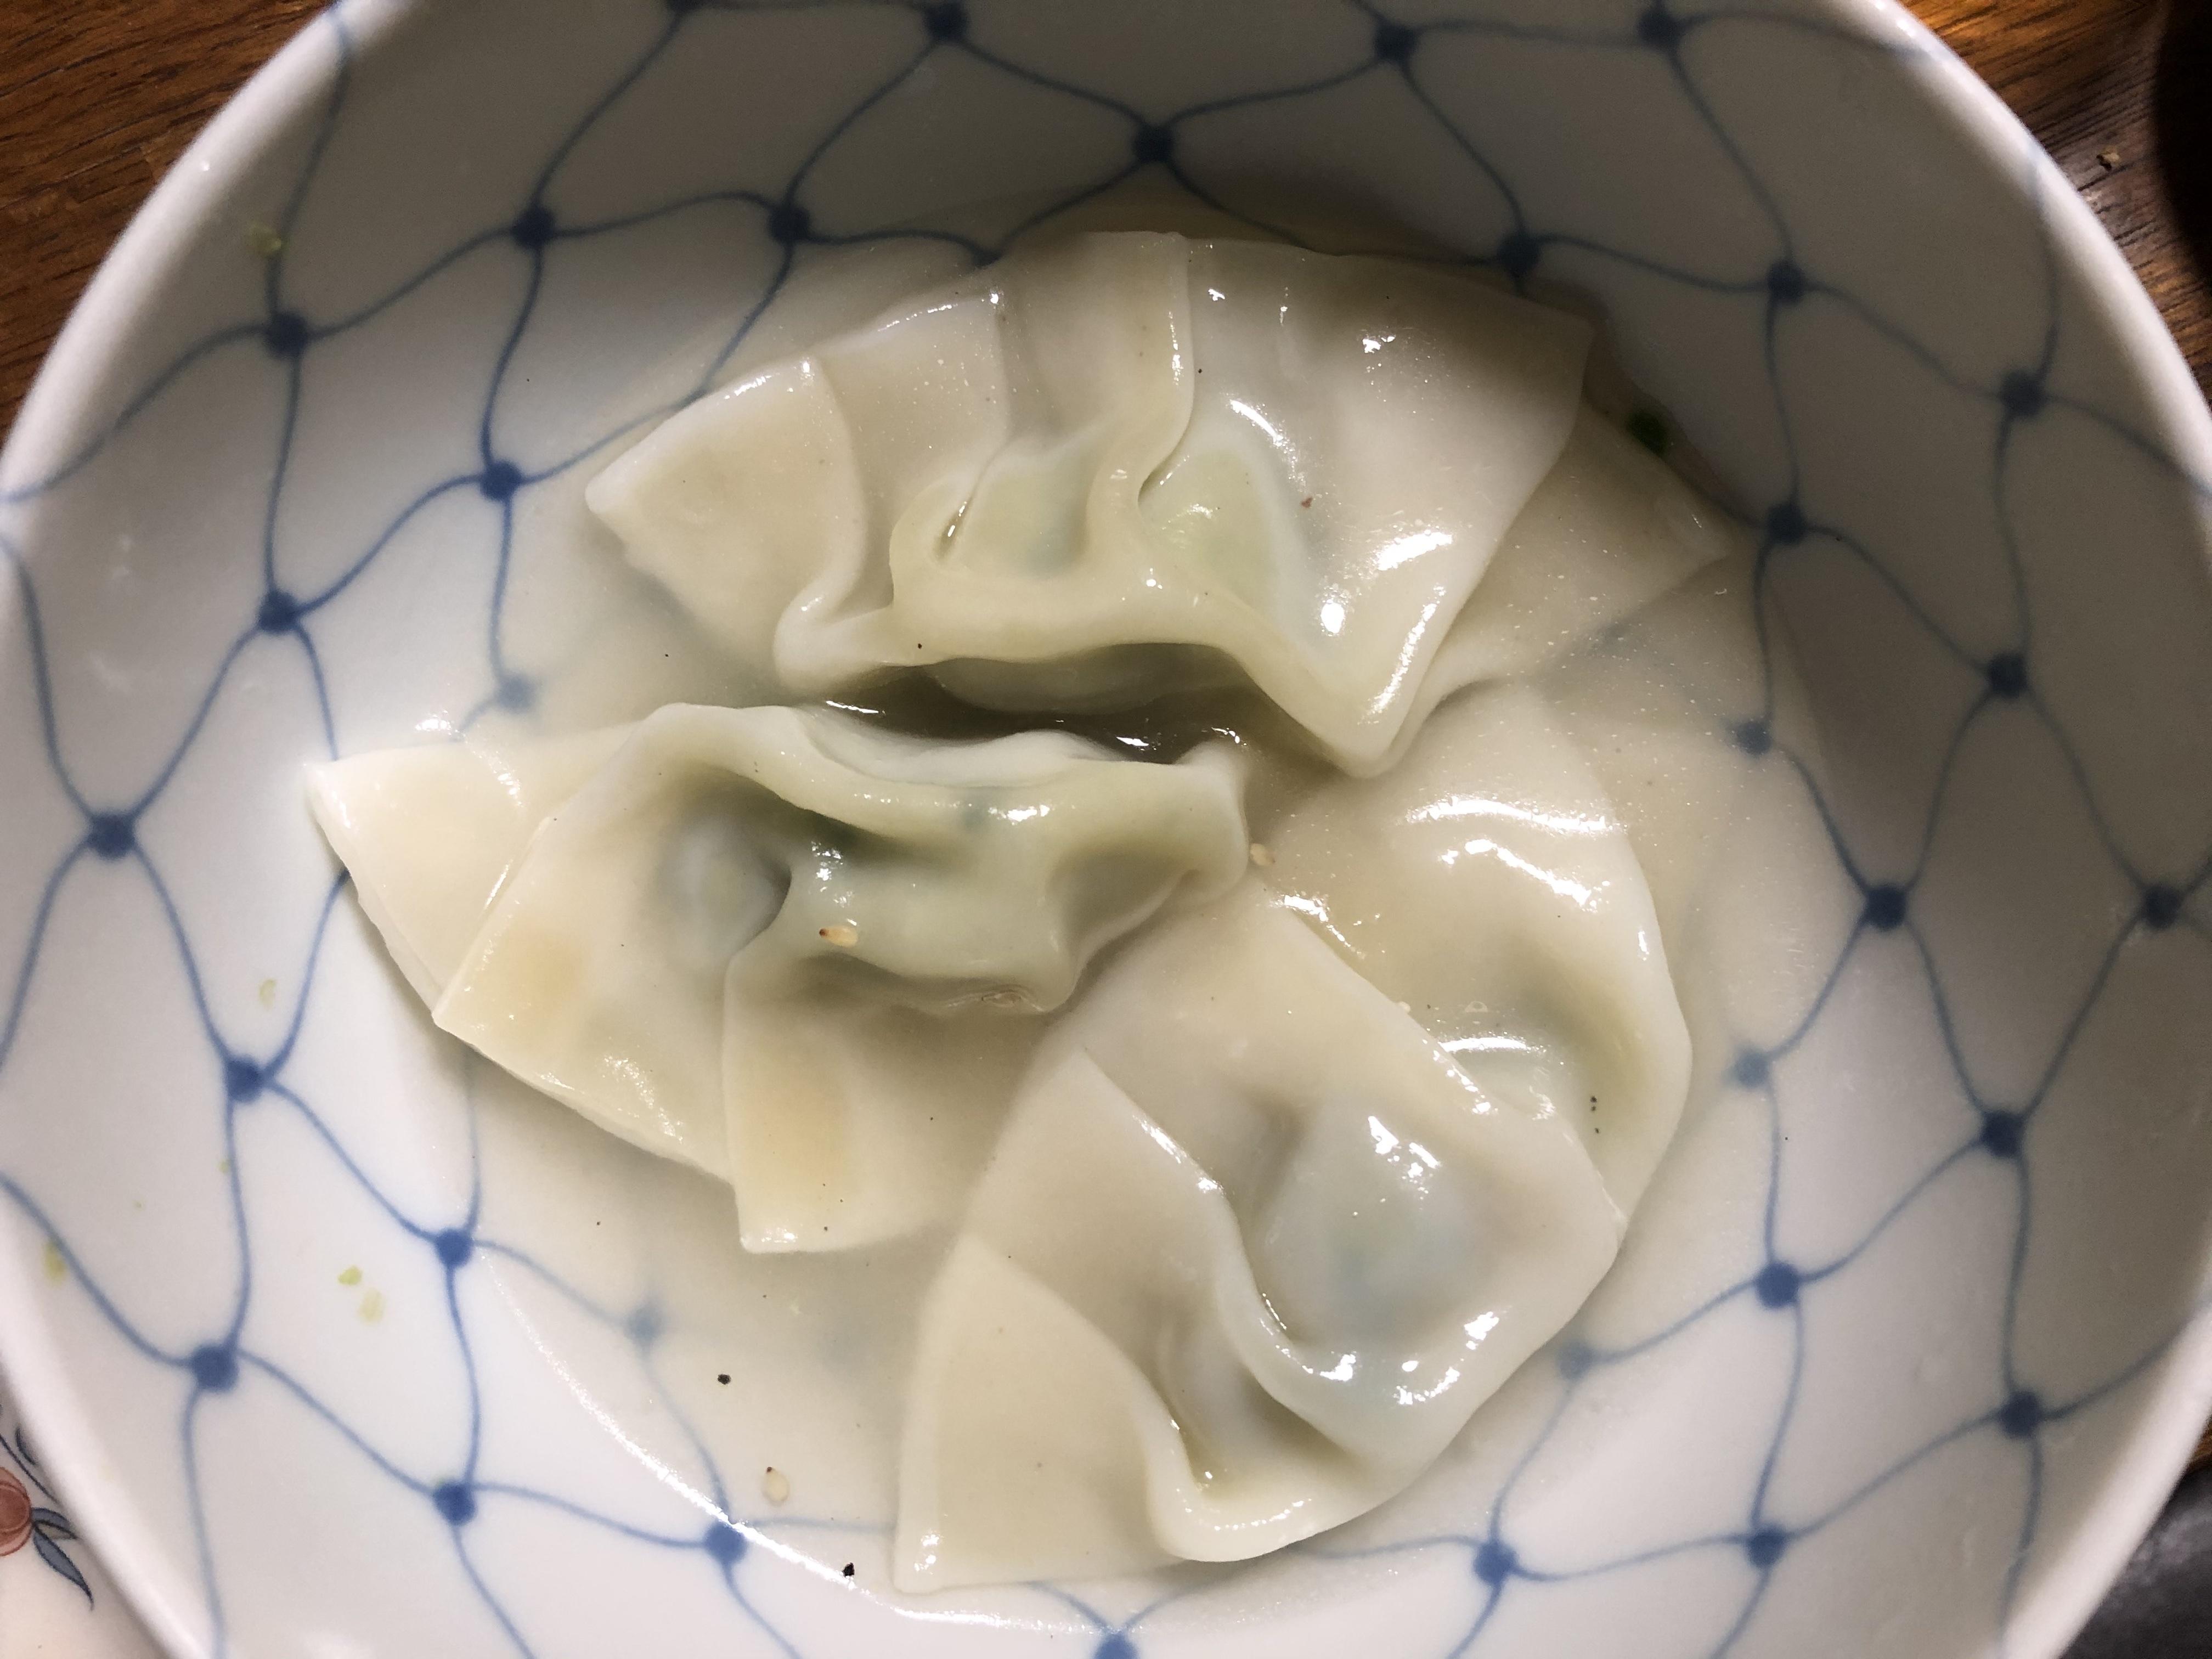 麺テイスティング・カフェショップ MENSTAで販売中の餃子の皮調理例2